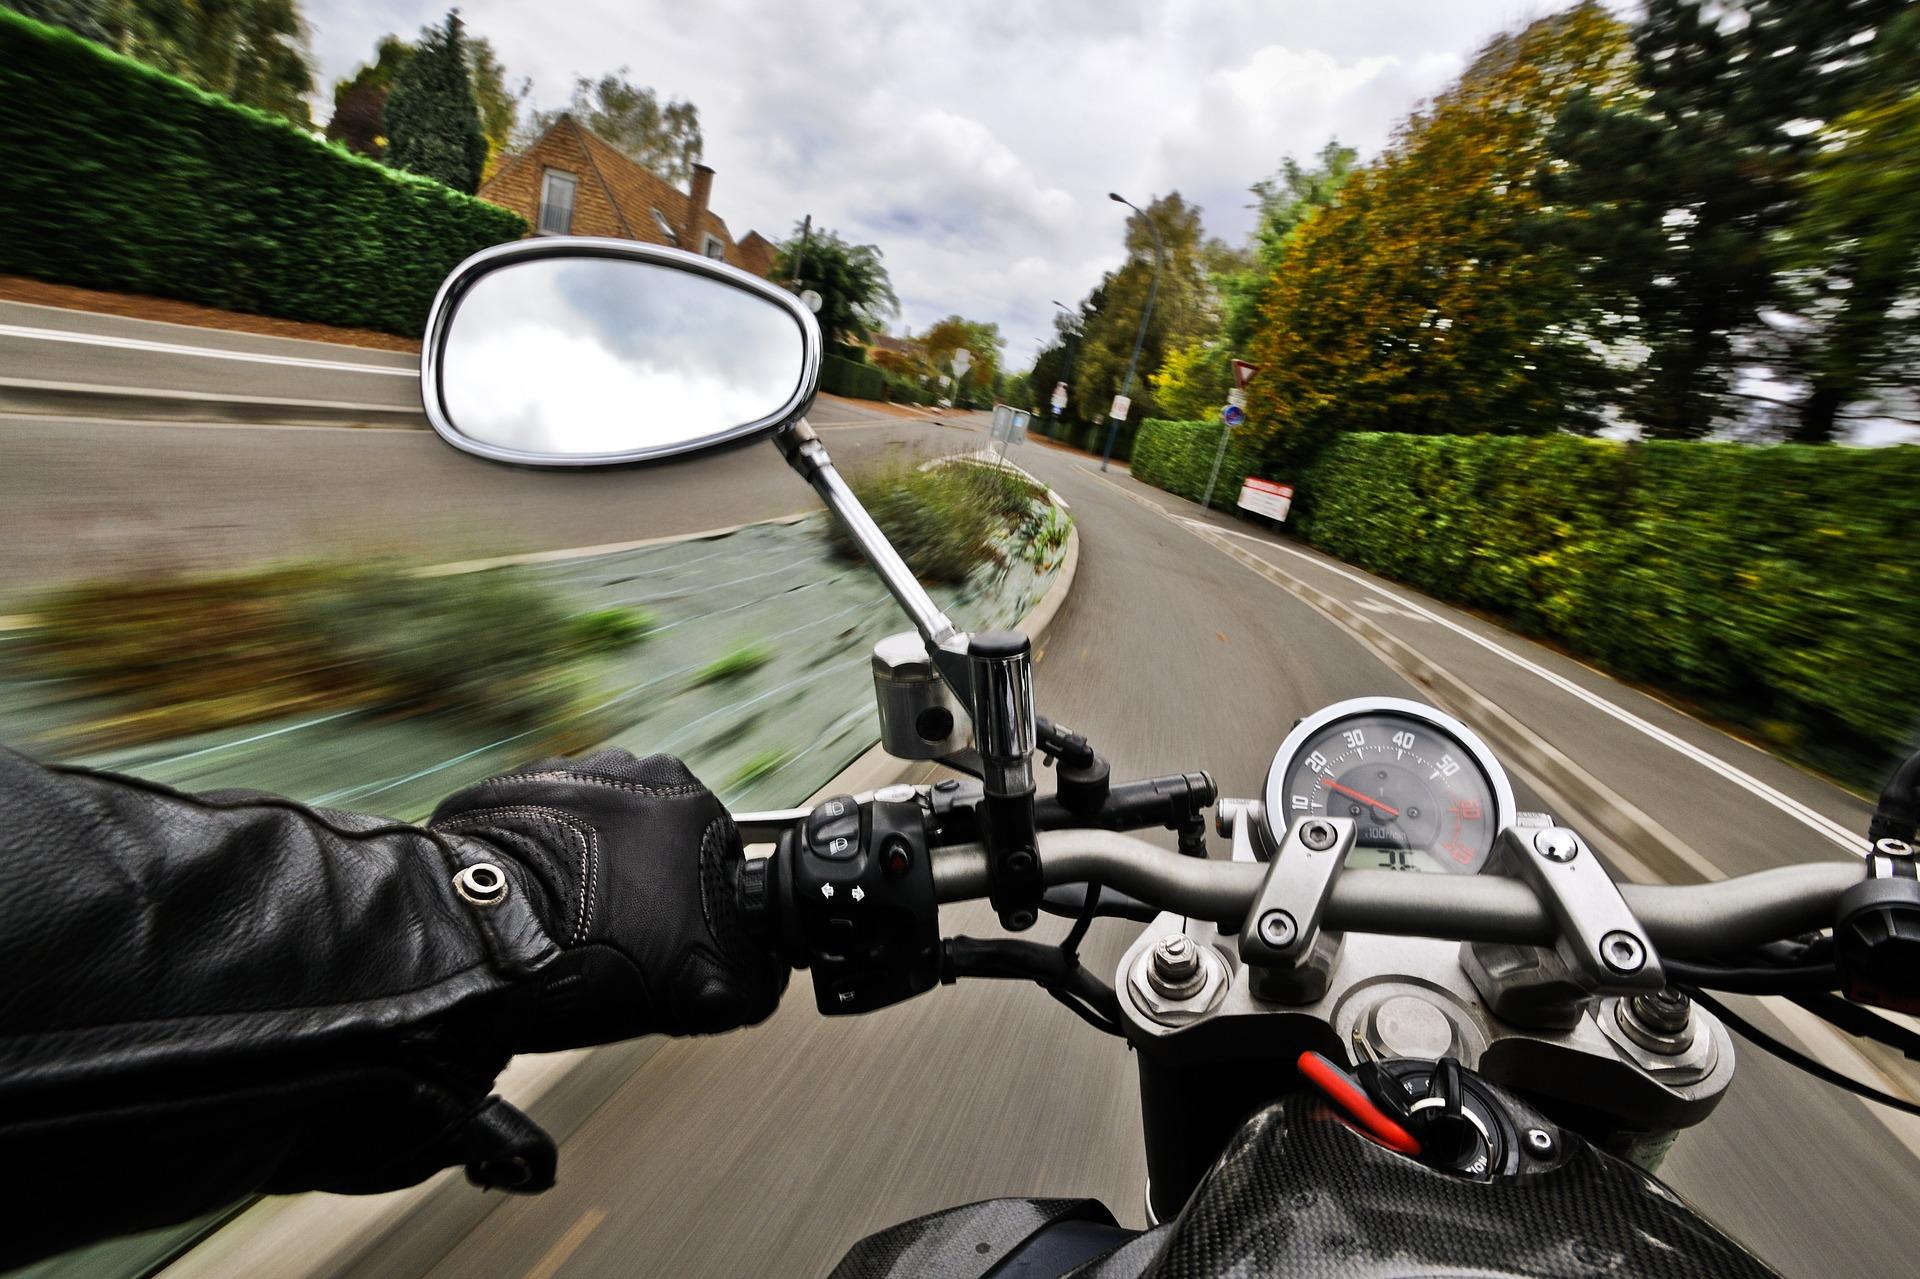 motocykl, motorka